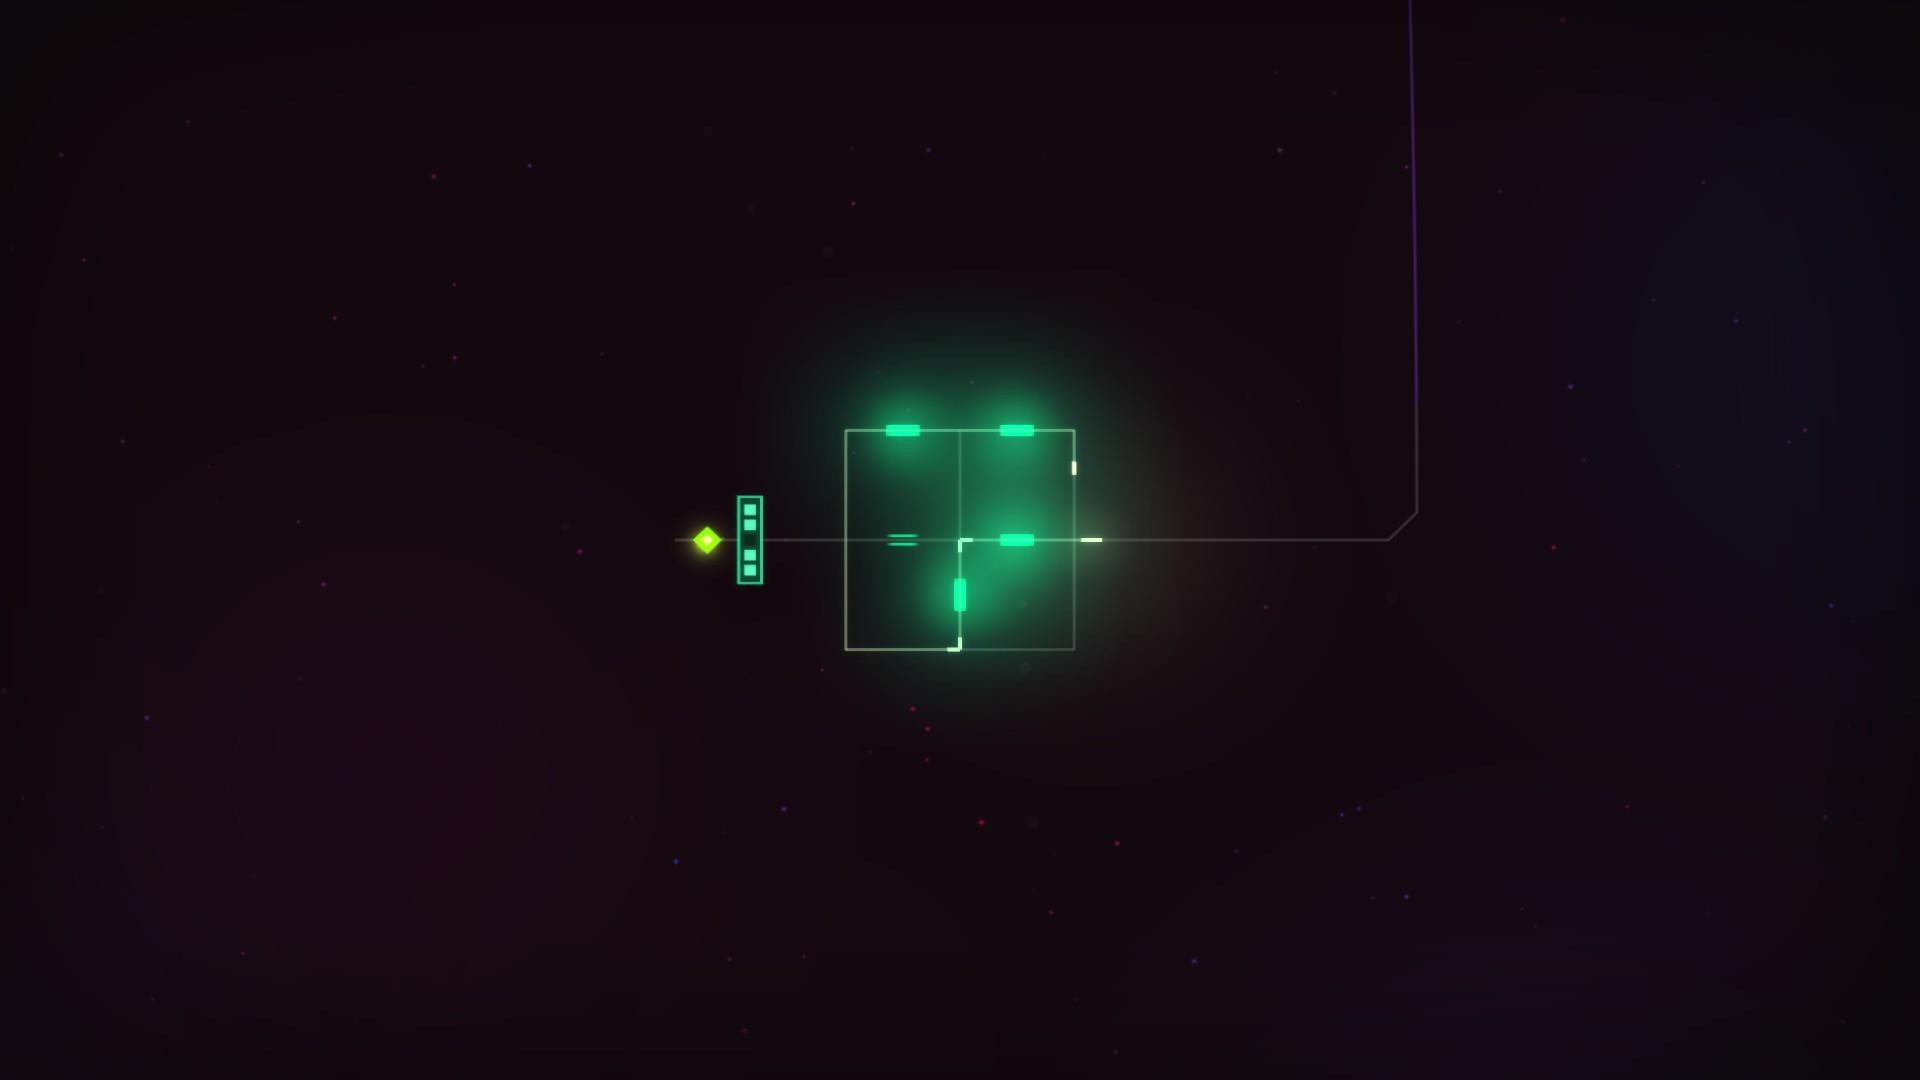 Linelight - perfektní logická hra s nezapomenutelnou atmosférou 12987